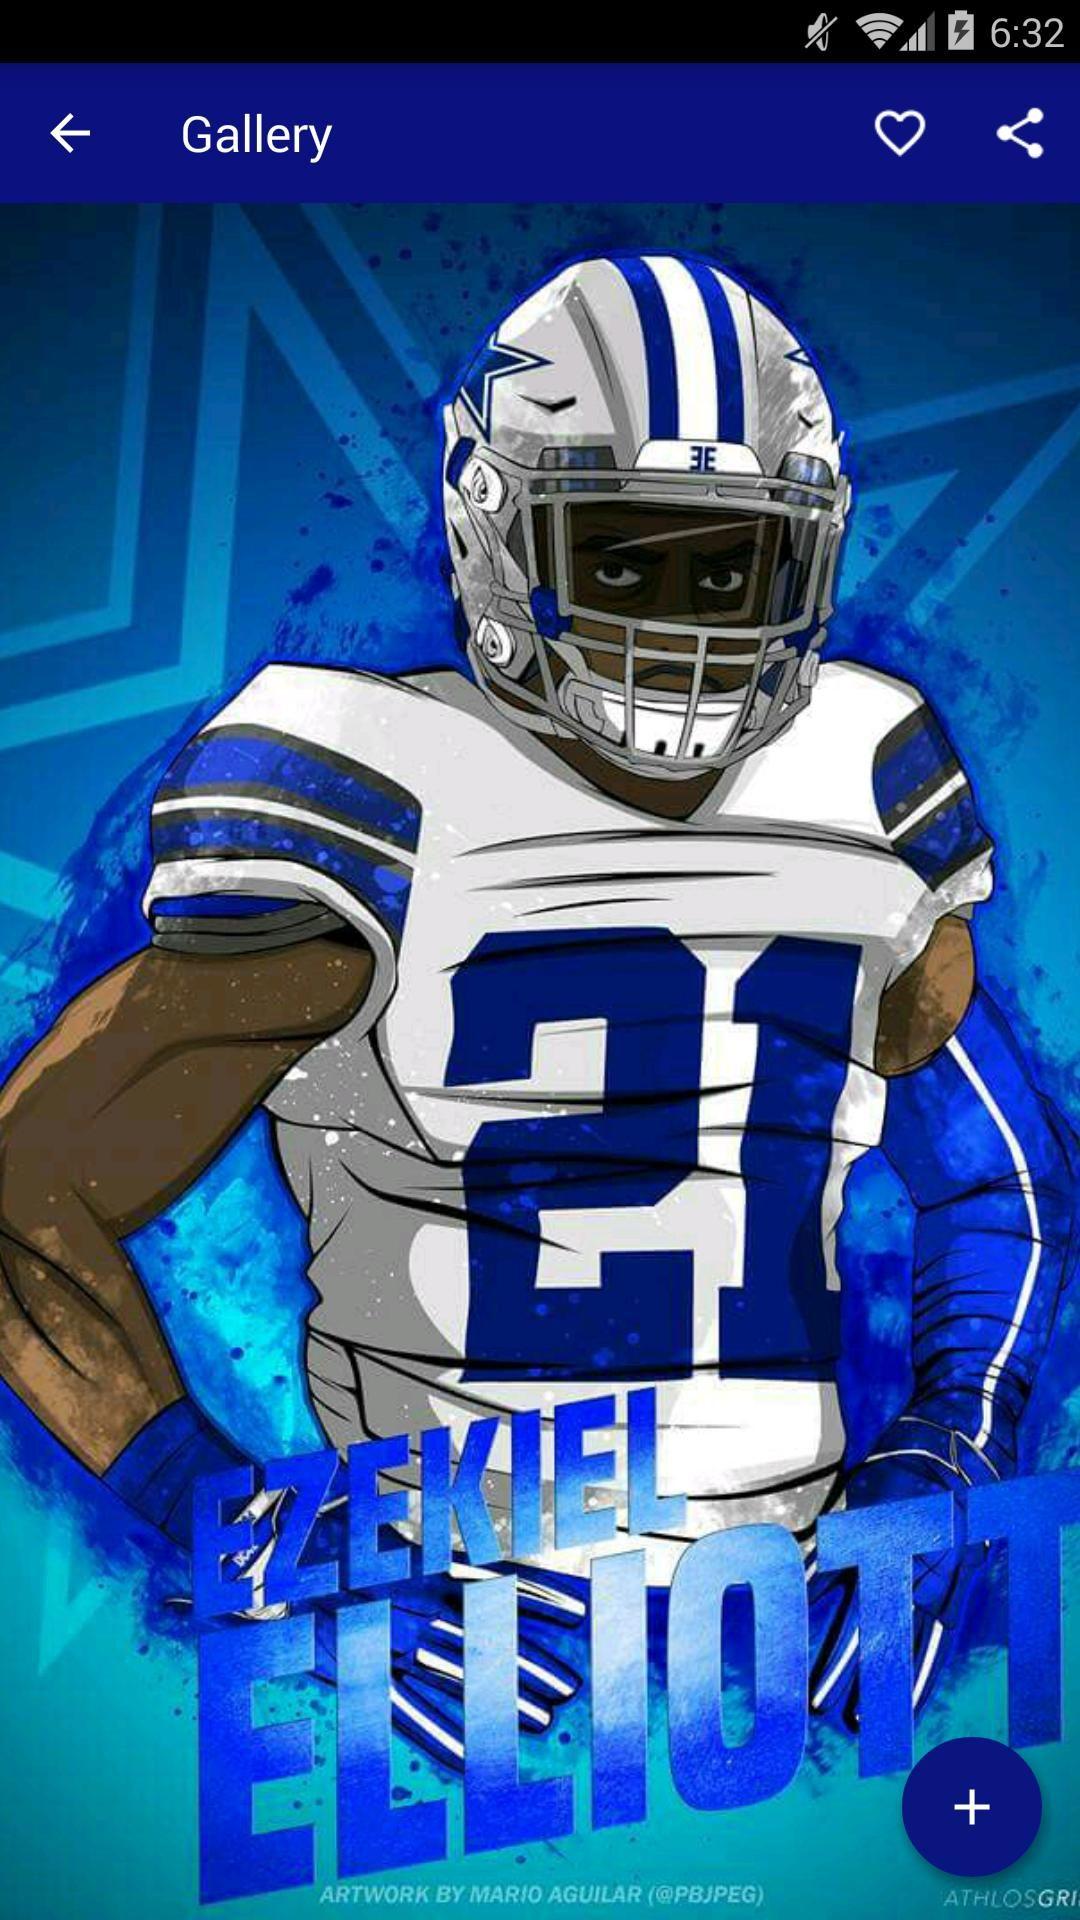 Ezekiel Elliott Dallas Cowboys Wallpaper Hd in 2020 (With